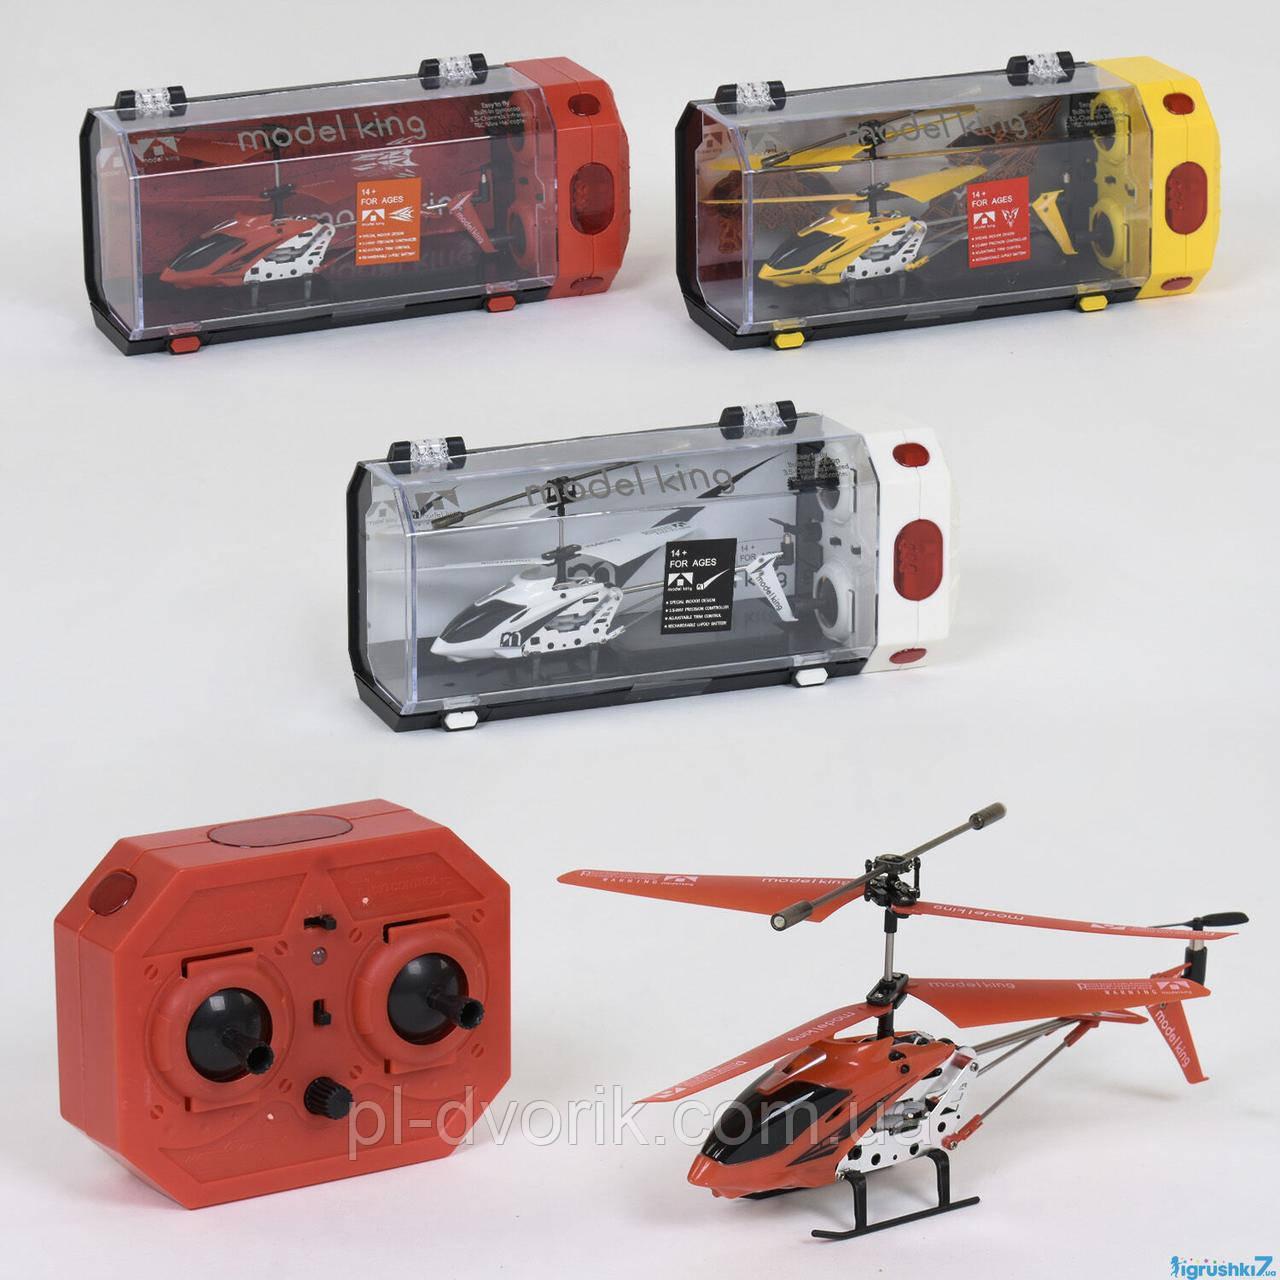 Вертолет 33008 (24/4) 3 вида, р/у, гироскоп, аккум, 3-х канальный пульт ДУ, мет+пластик, в кор-ке Длина: 28